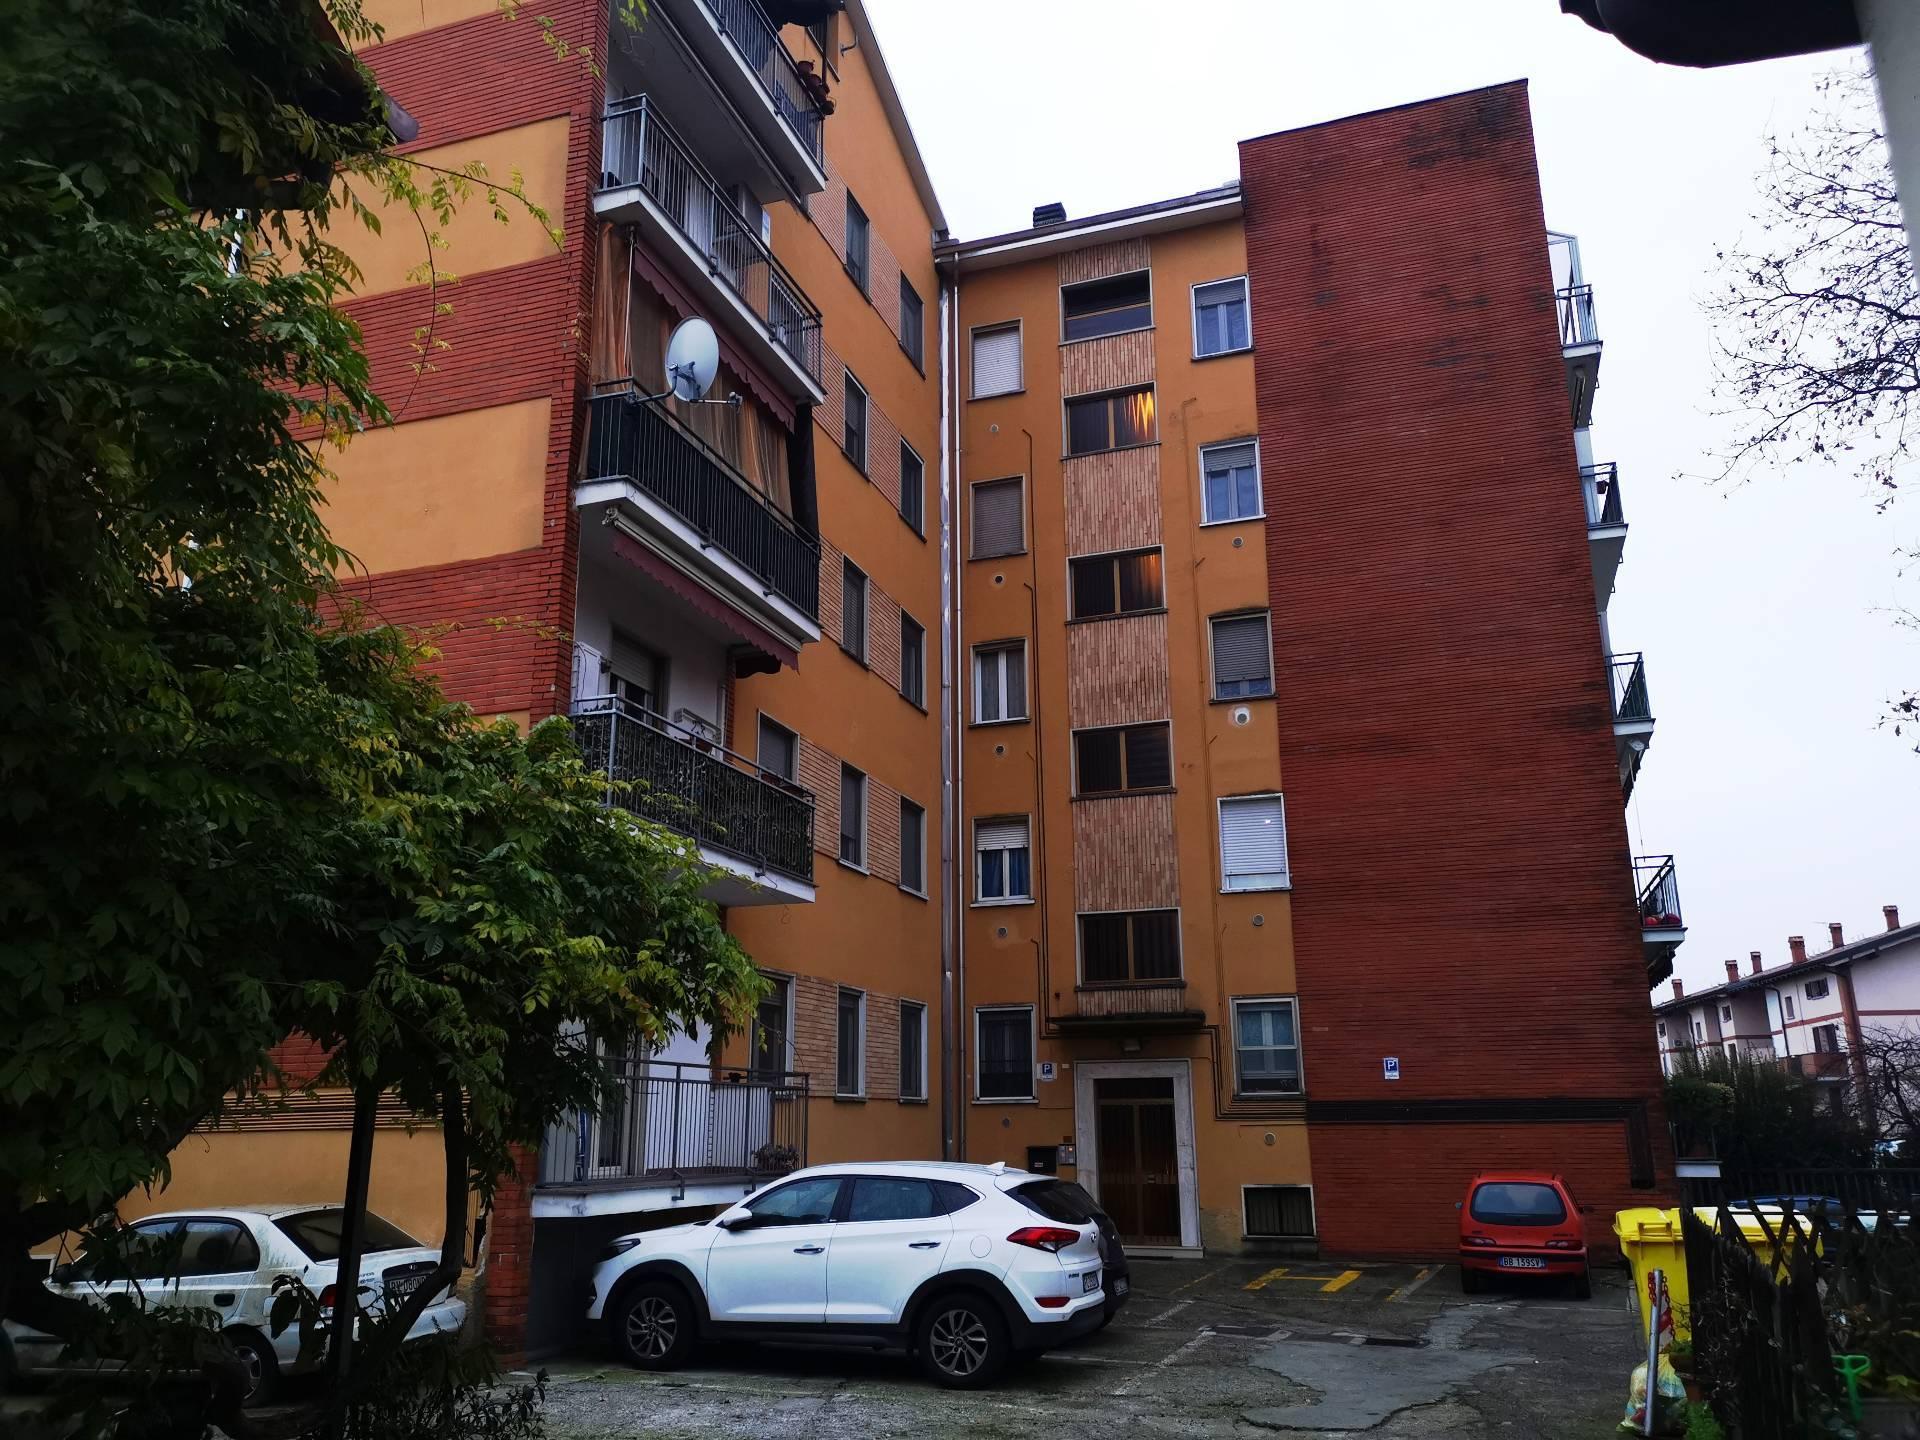 Foto - Appartamento In Vendita Landriano (pv)